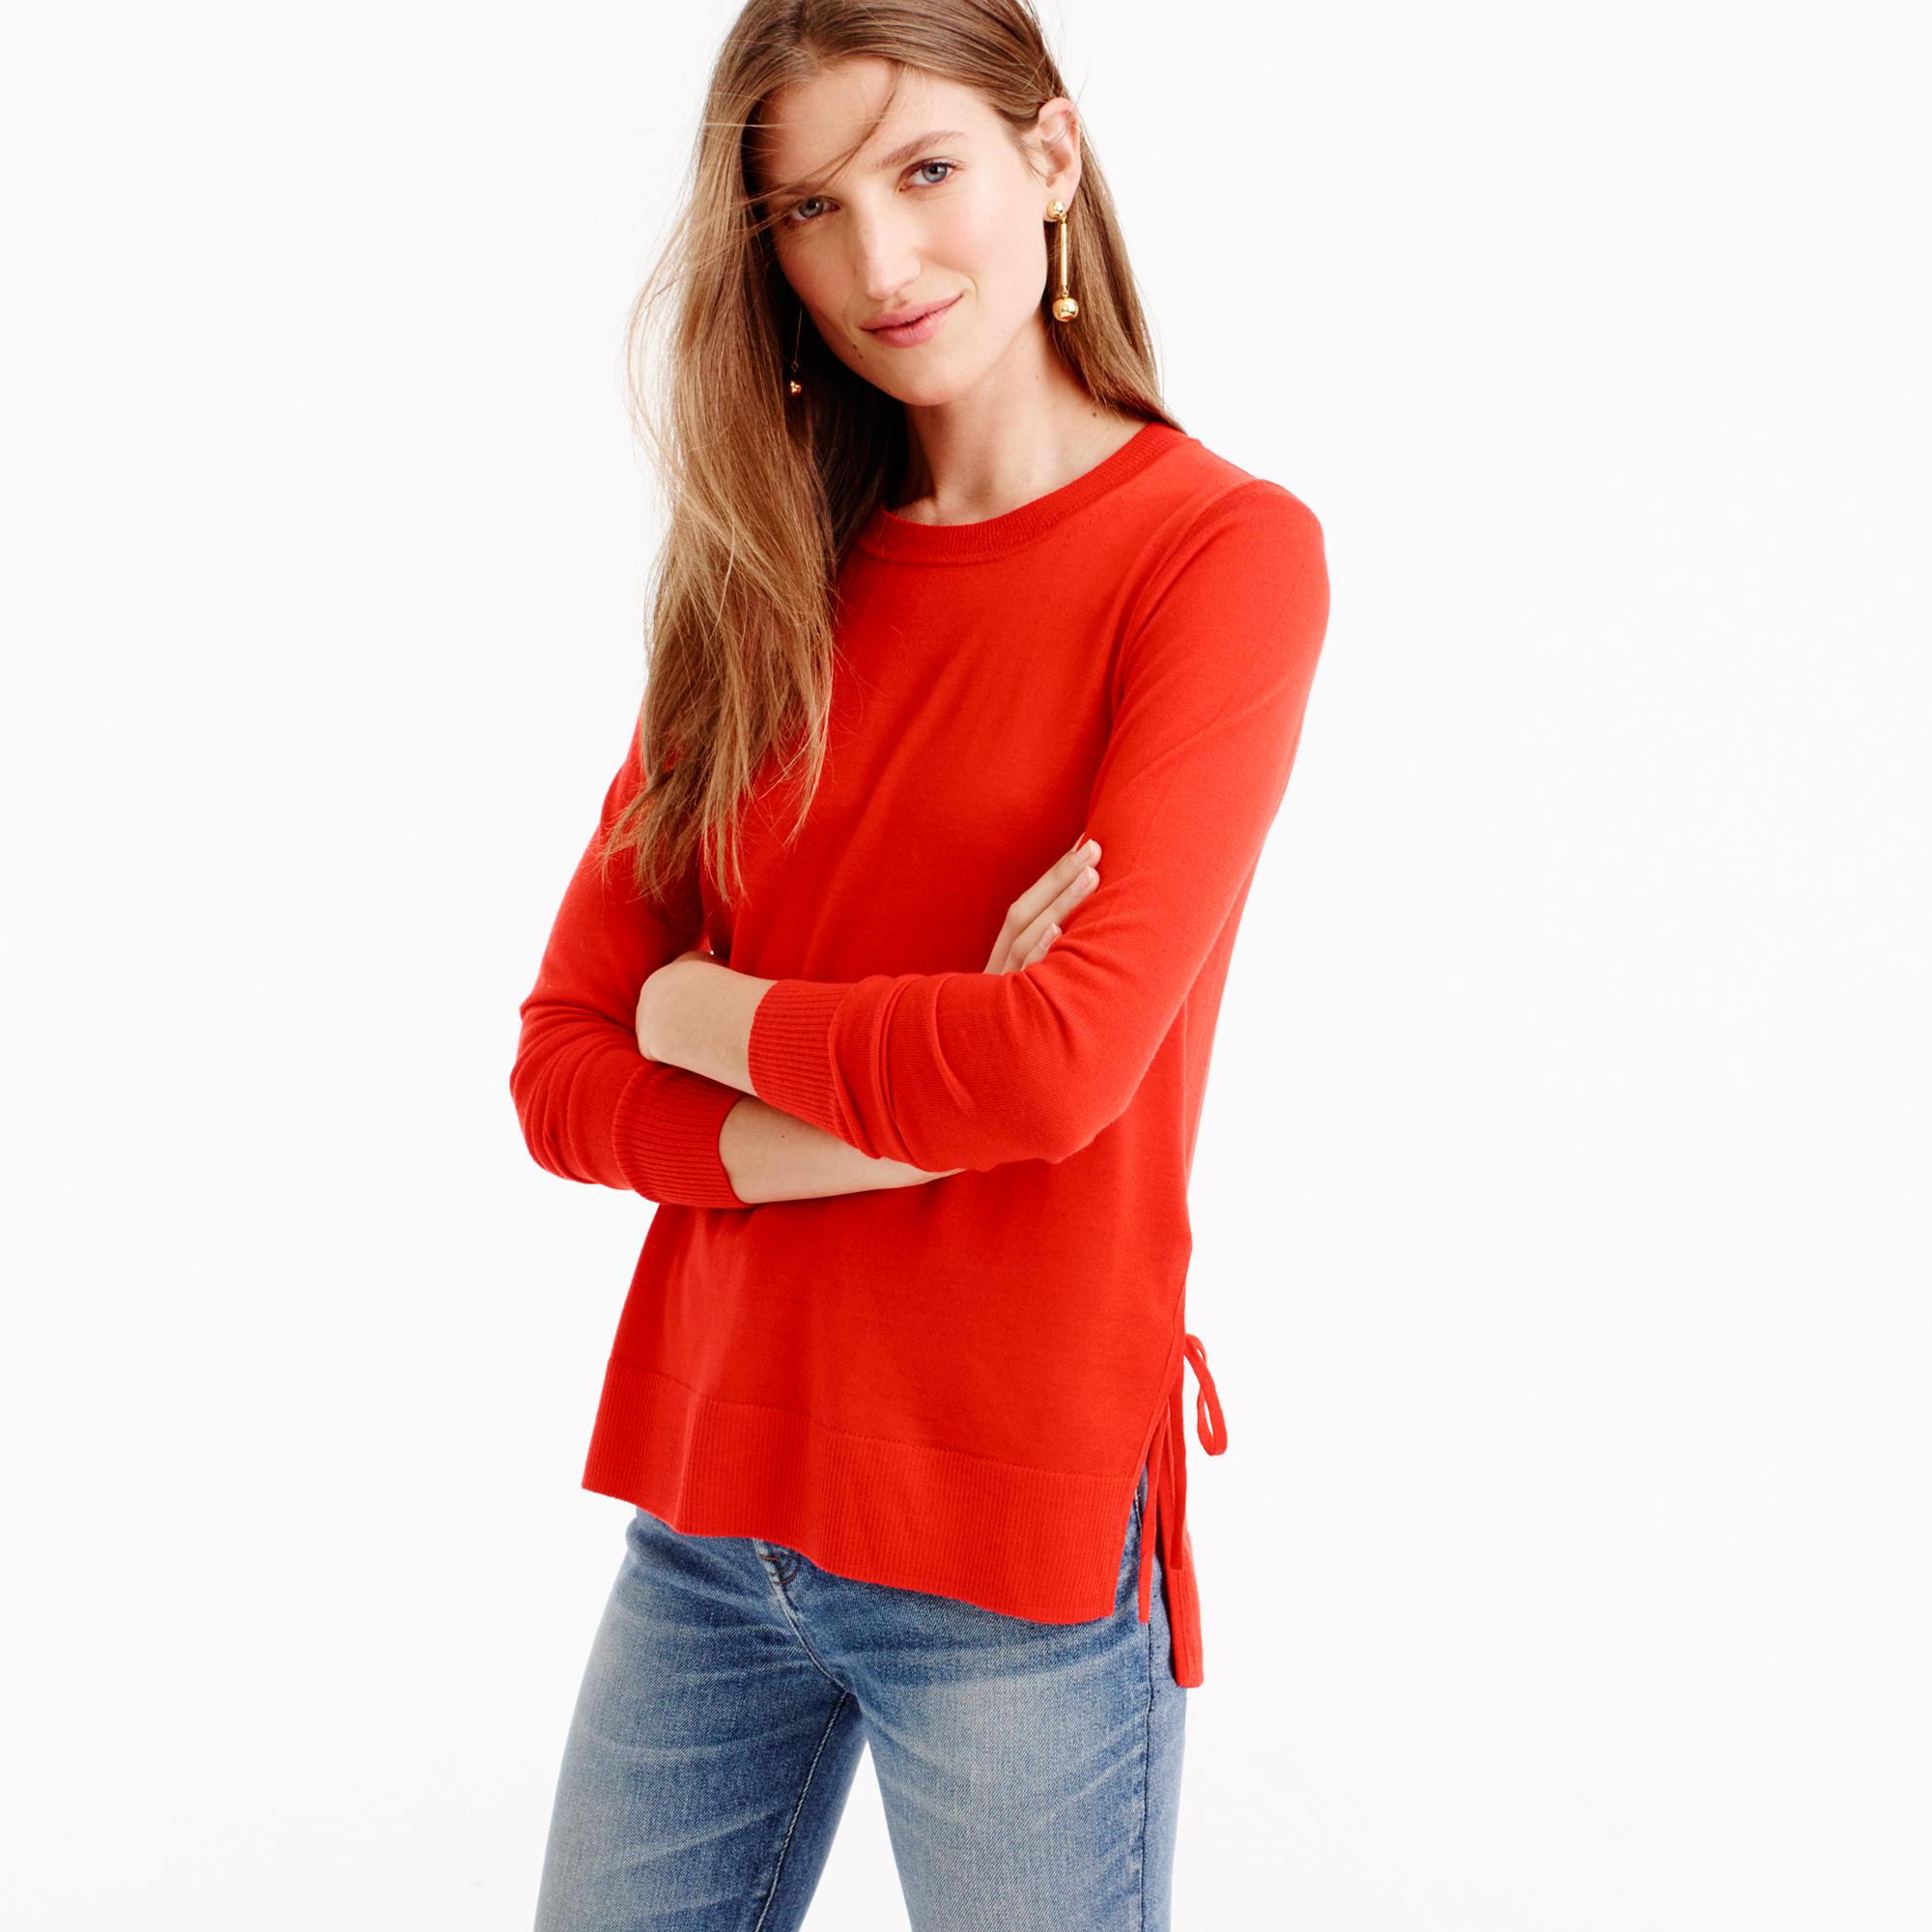 J. Crew Side-Split Sweater, $79.50;  j.crew.com